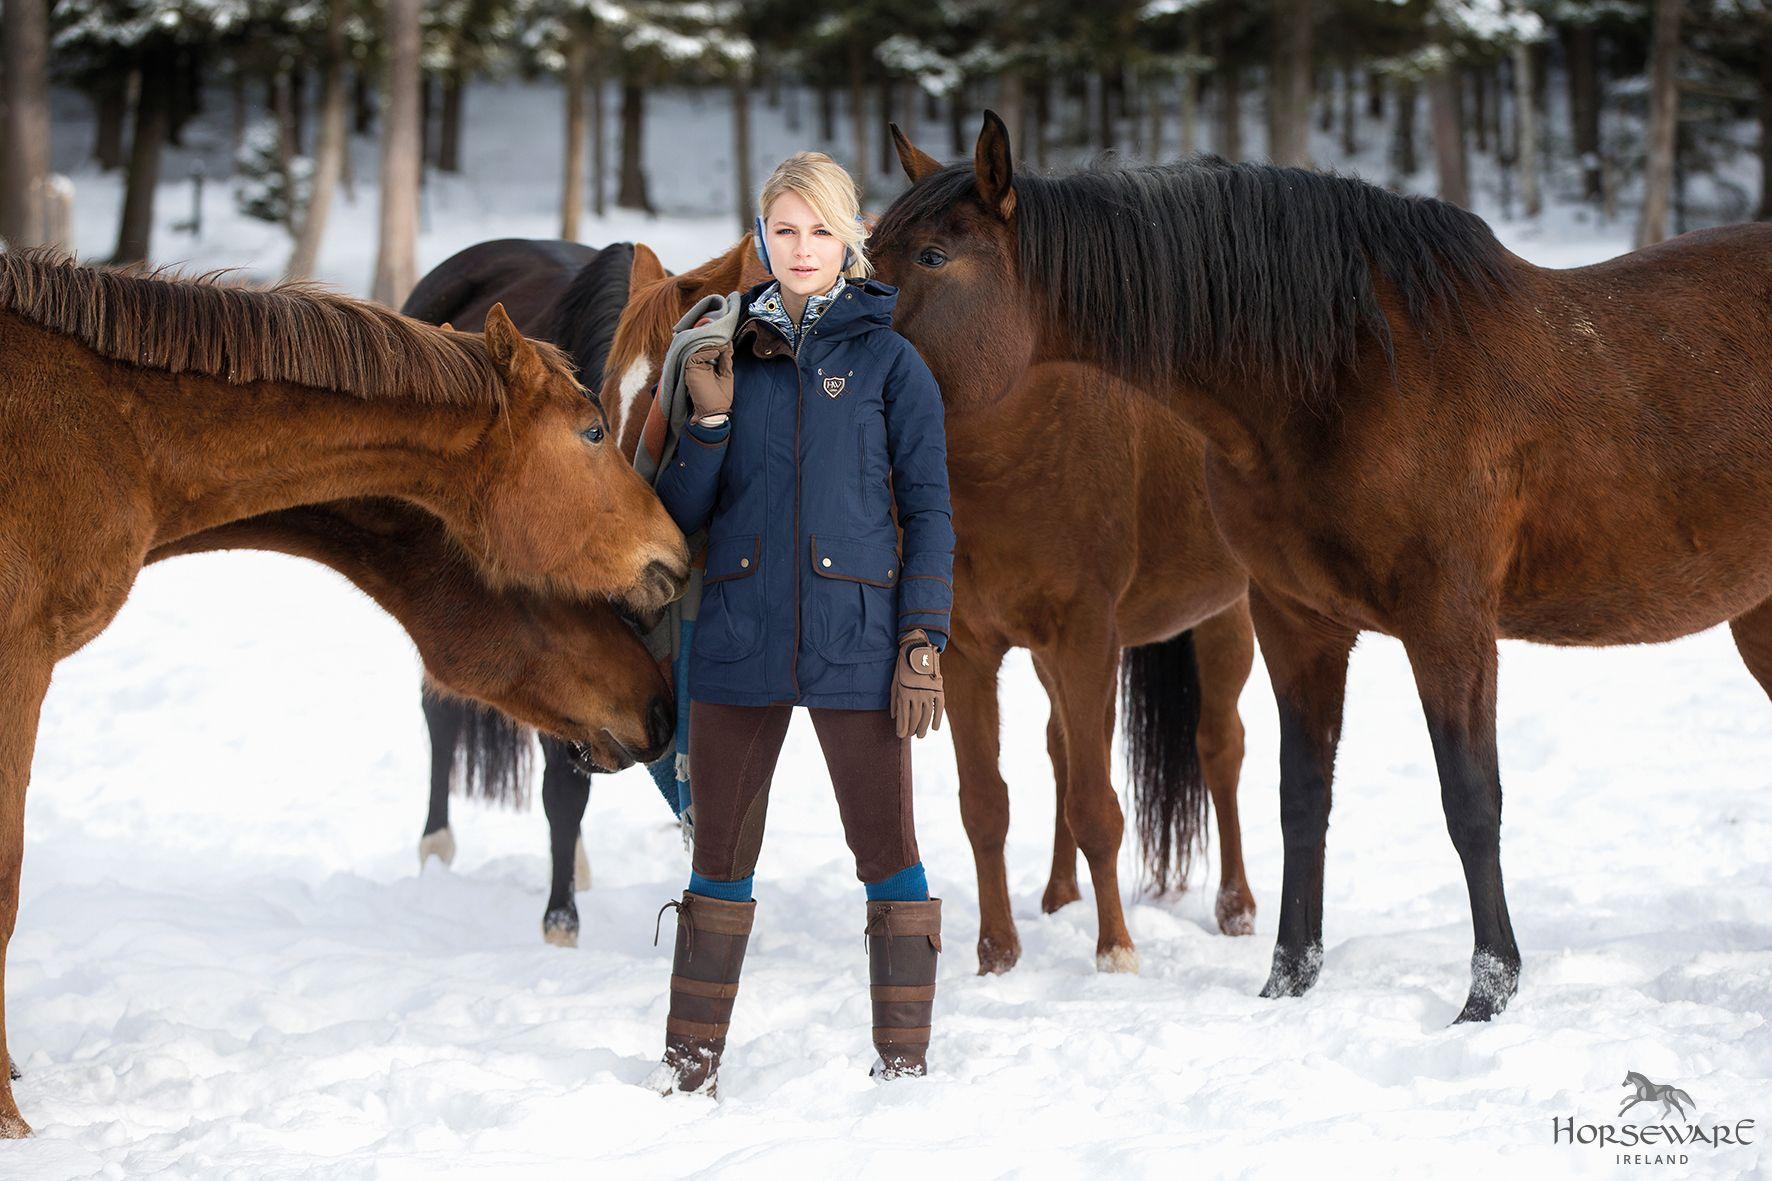 301ad94e2 Horseware Polo Collection A/W16: NEW Elina Parka Jacket | NEW Nina ...